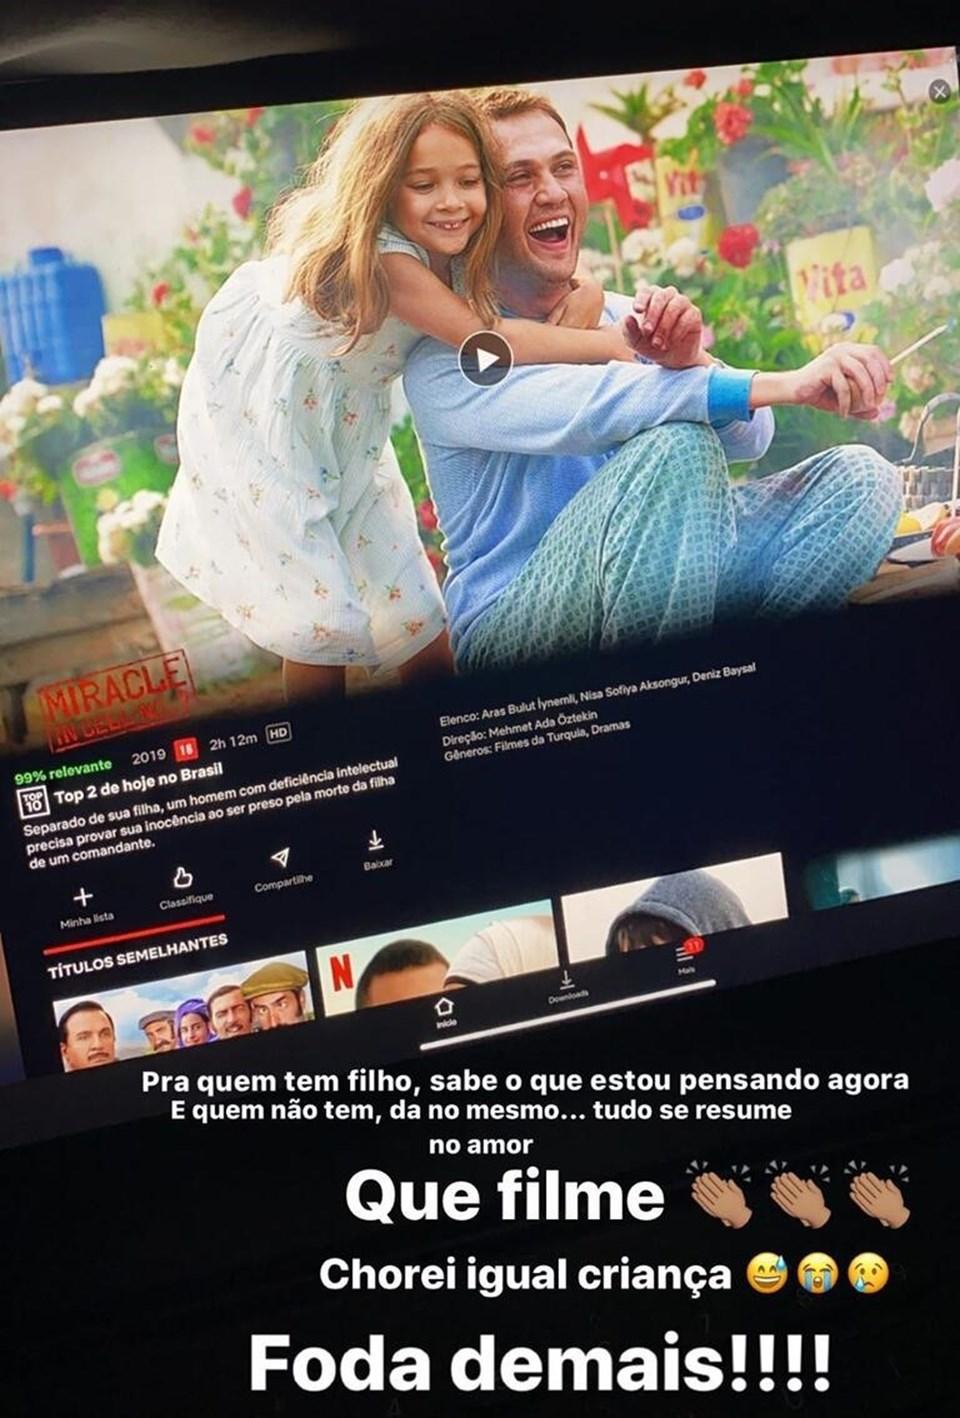 7. Koğuştaki Mucize, Brezilya'da en çok izlenen filmler arasında 2. sıraya yükseldi.